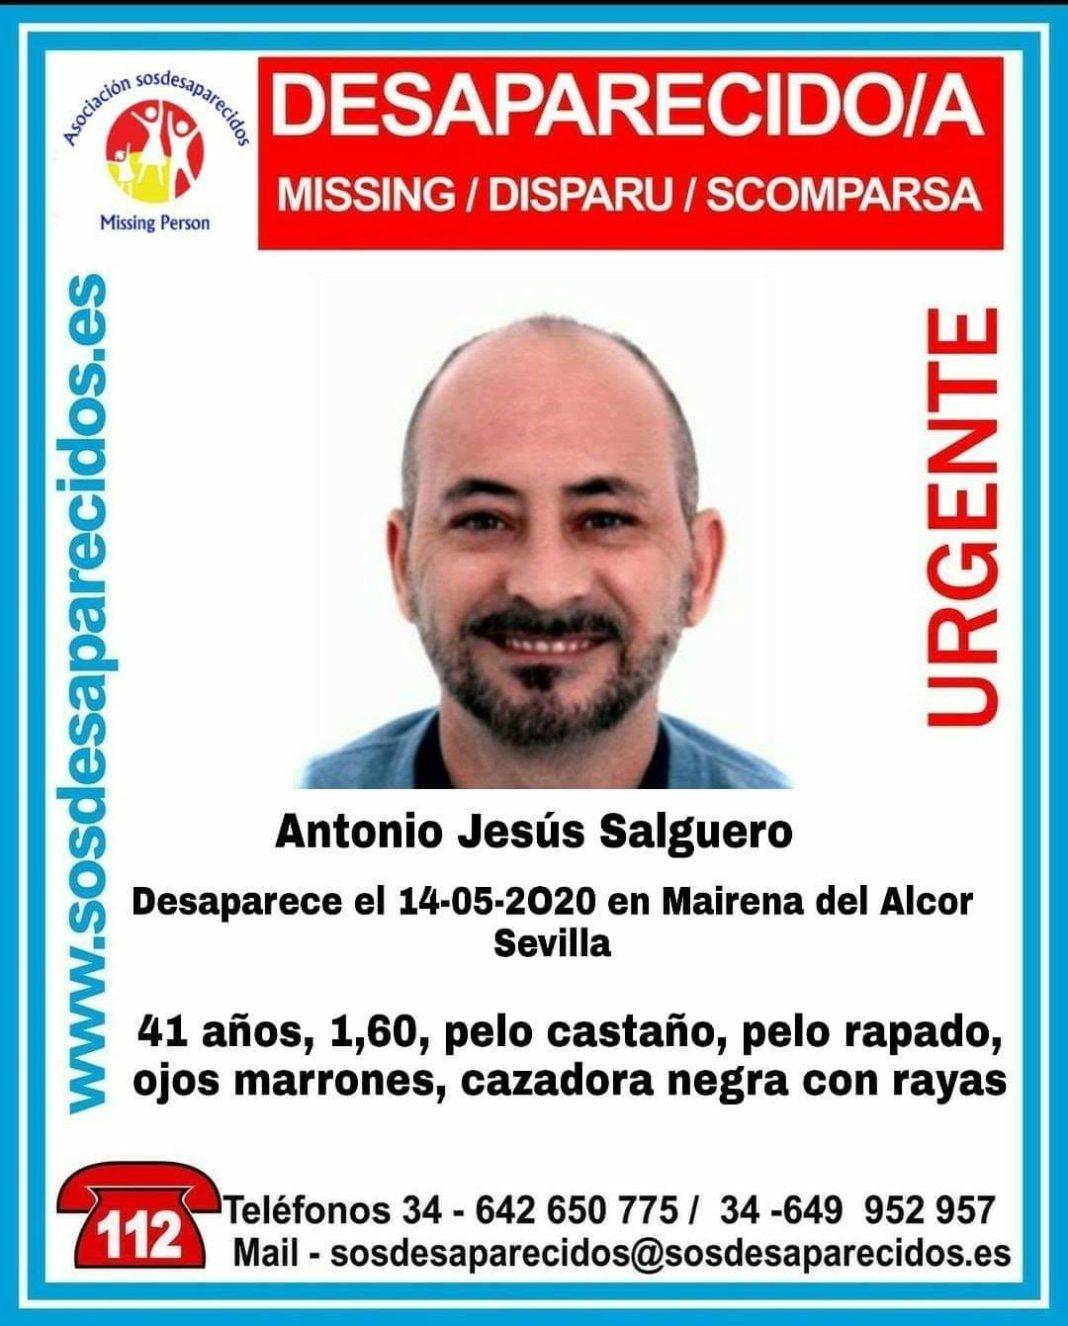 Desaparecido en Mairena del Alcor